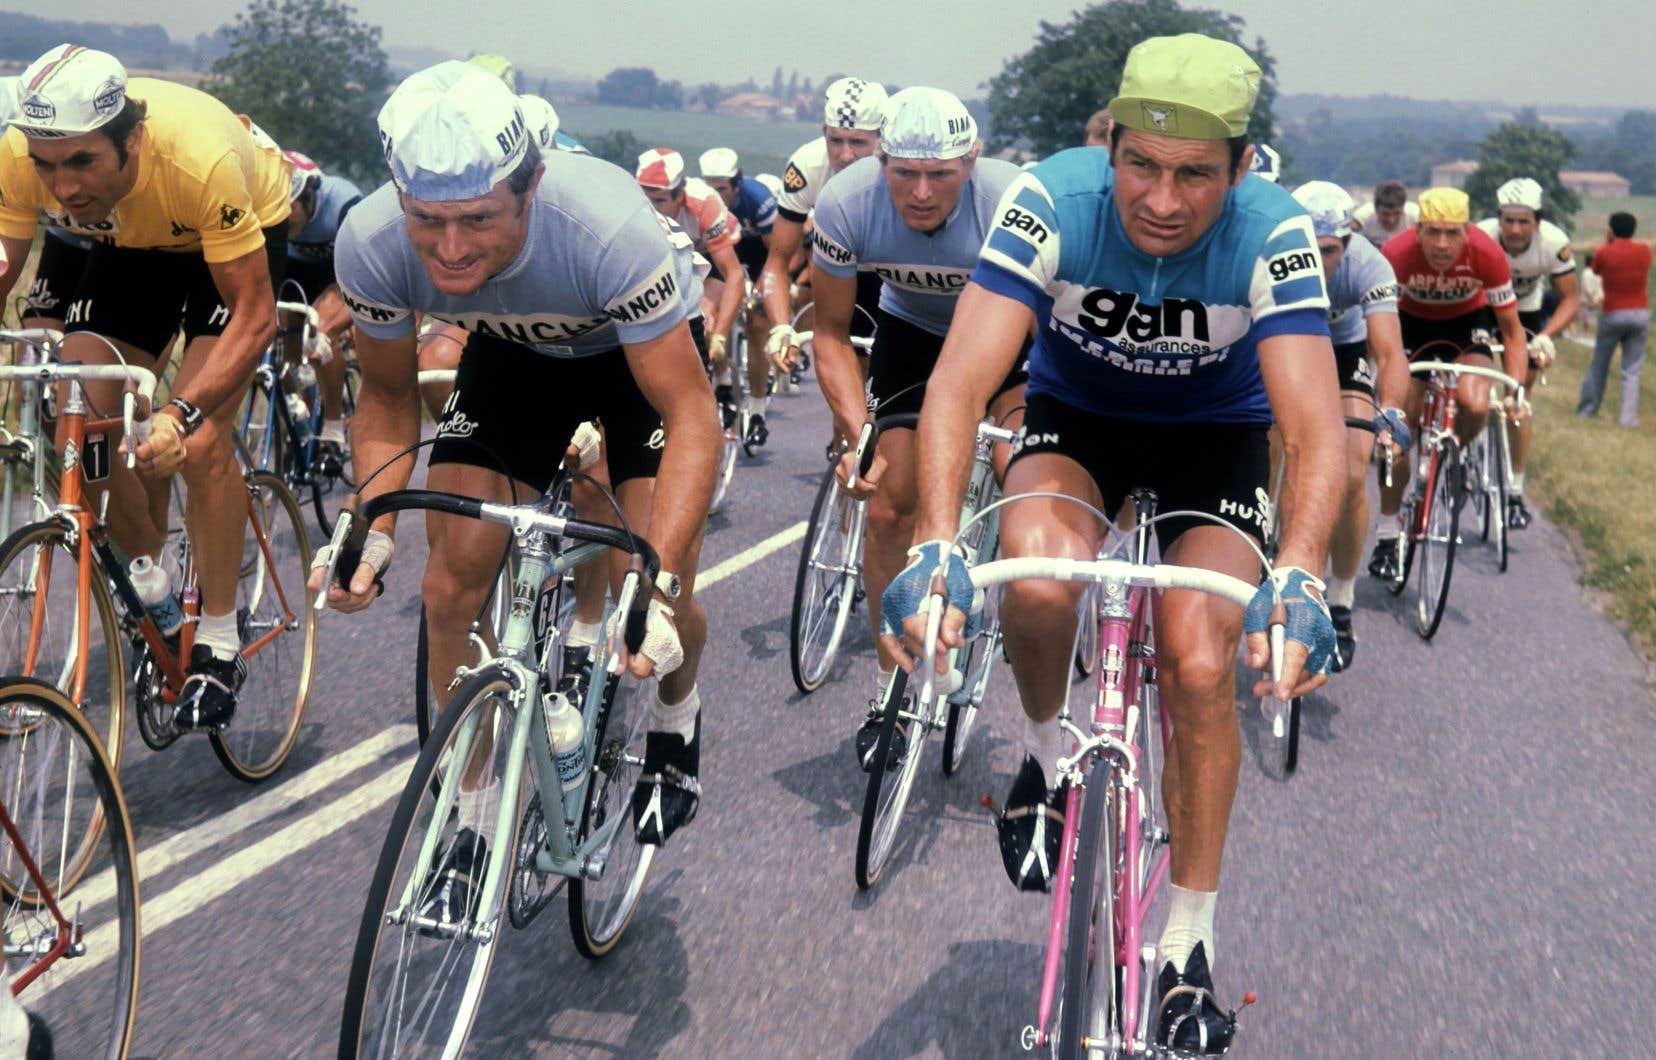 Coureur au palmarès remarquable, Raymond Poulidor (à droite) a été à huit reprises sur le podium final du tour de France entre 1962 et 1976.